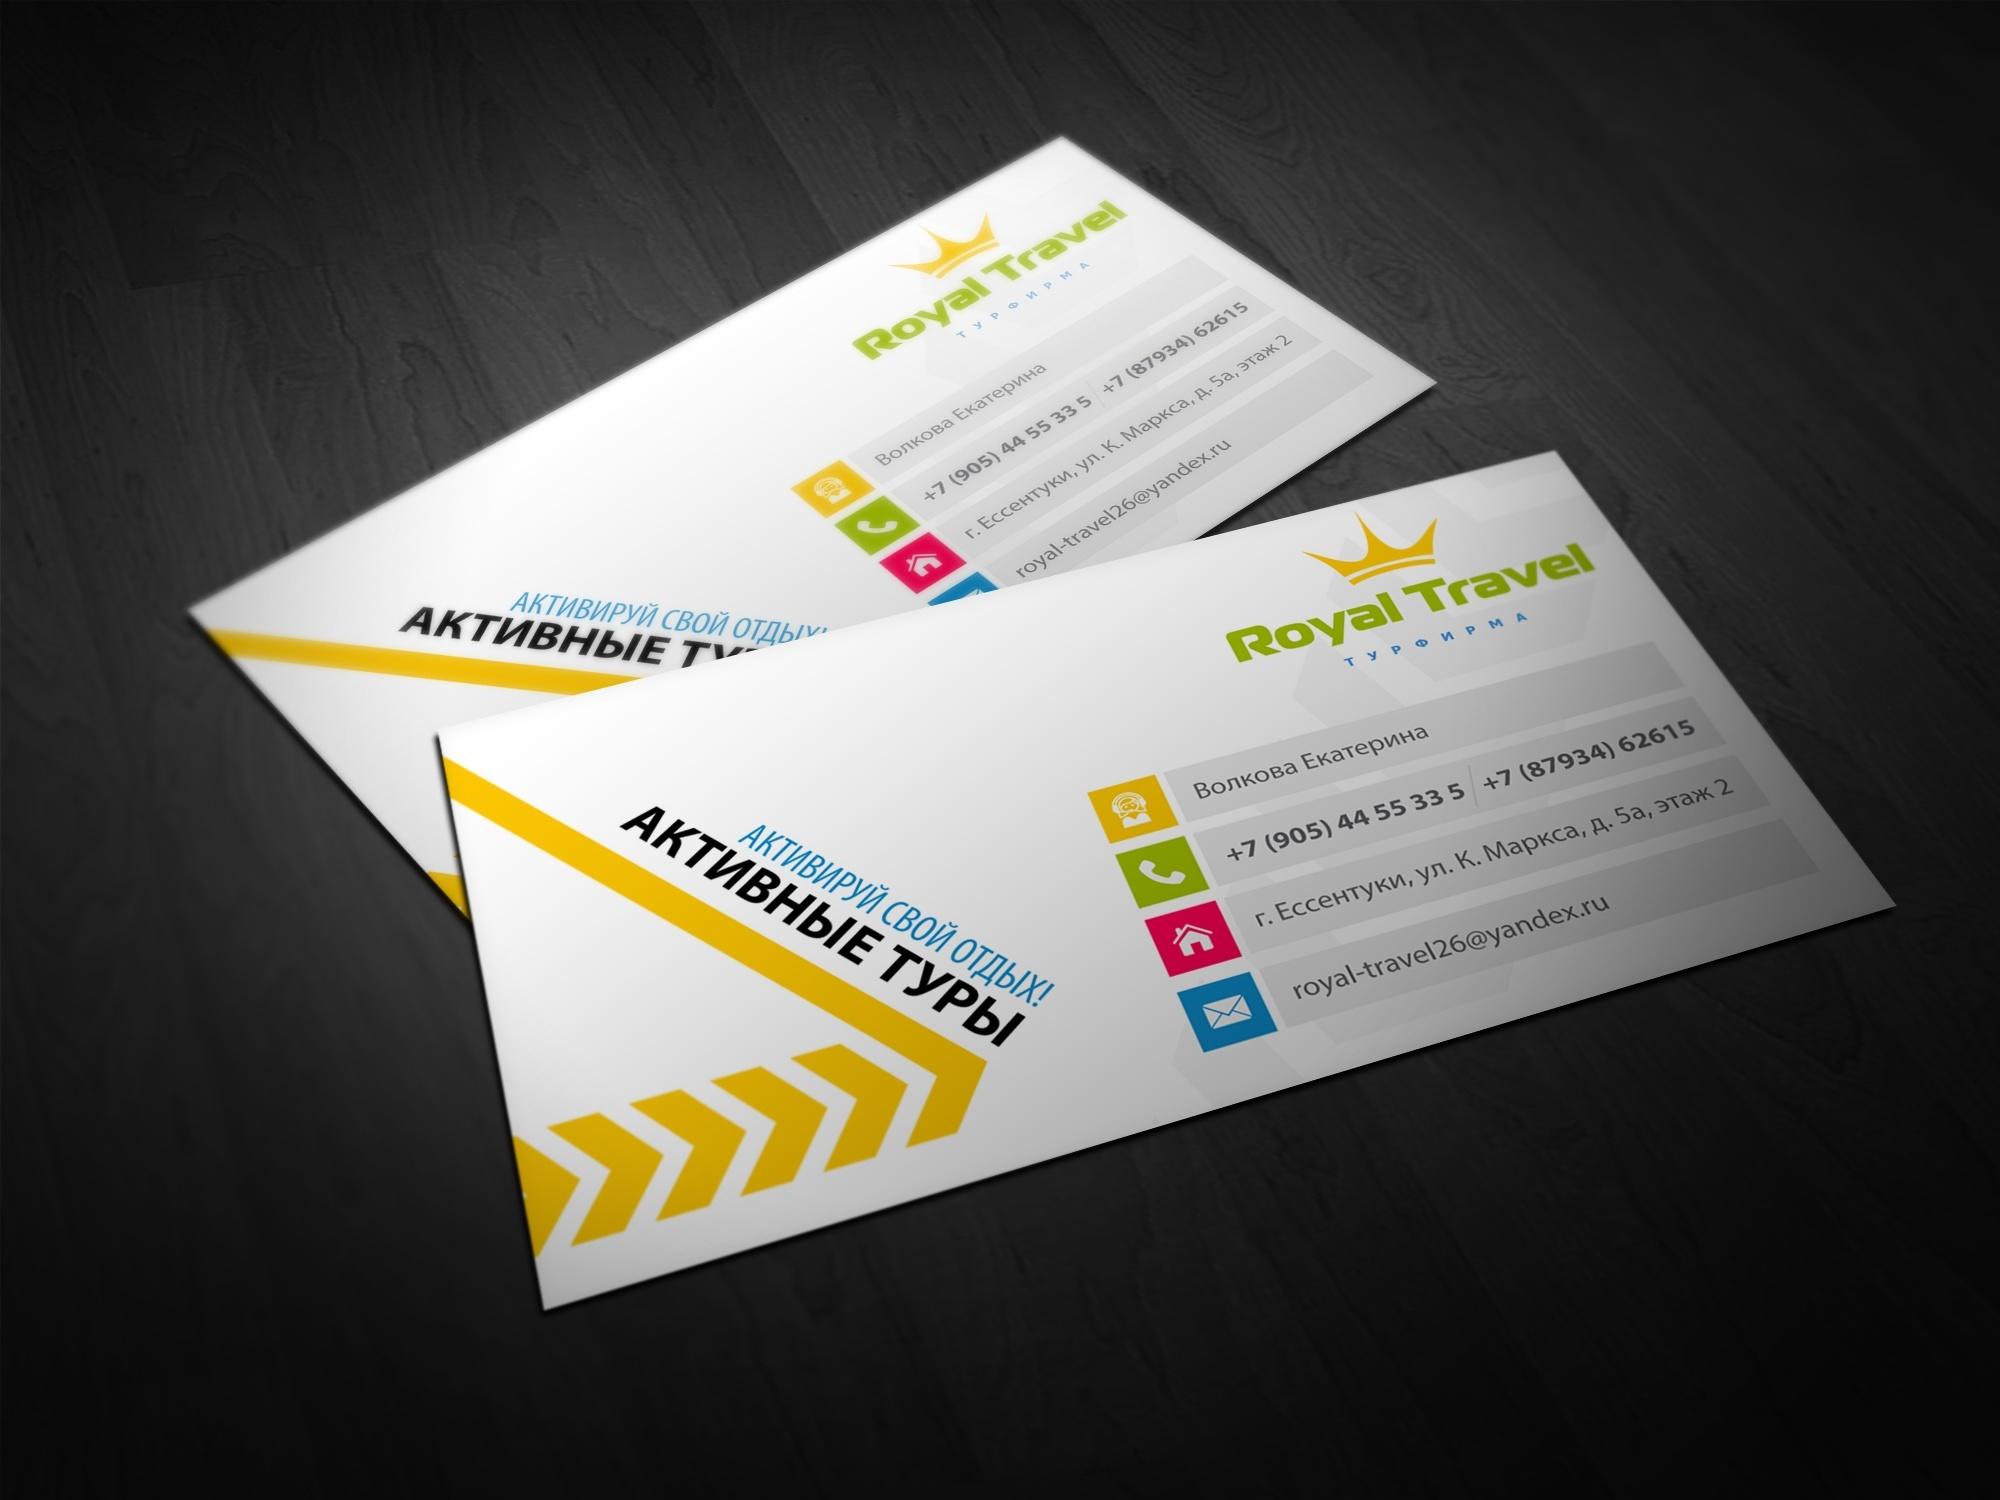 Как создать визитку: советы по дизайну, полезные сервисы 82